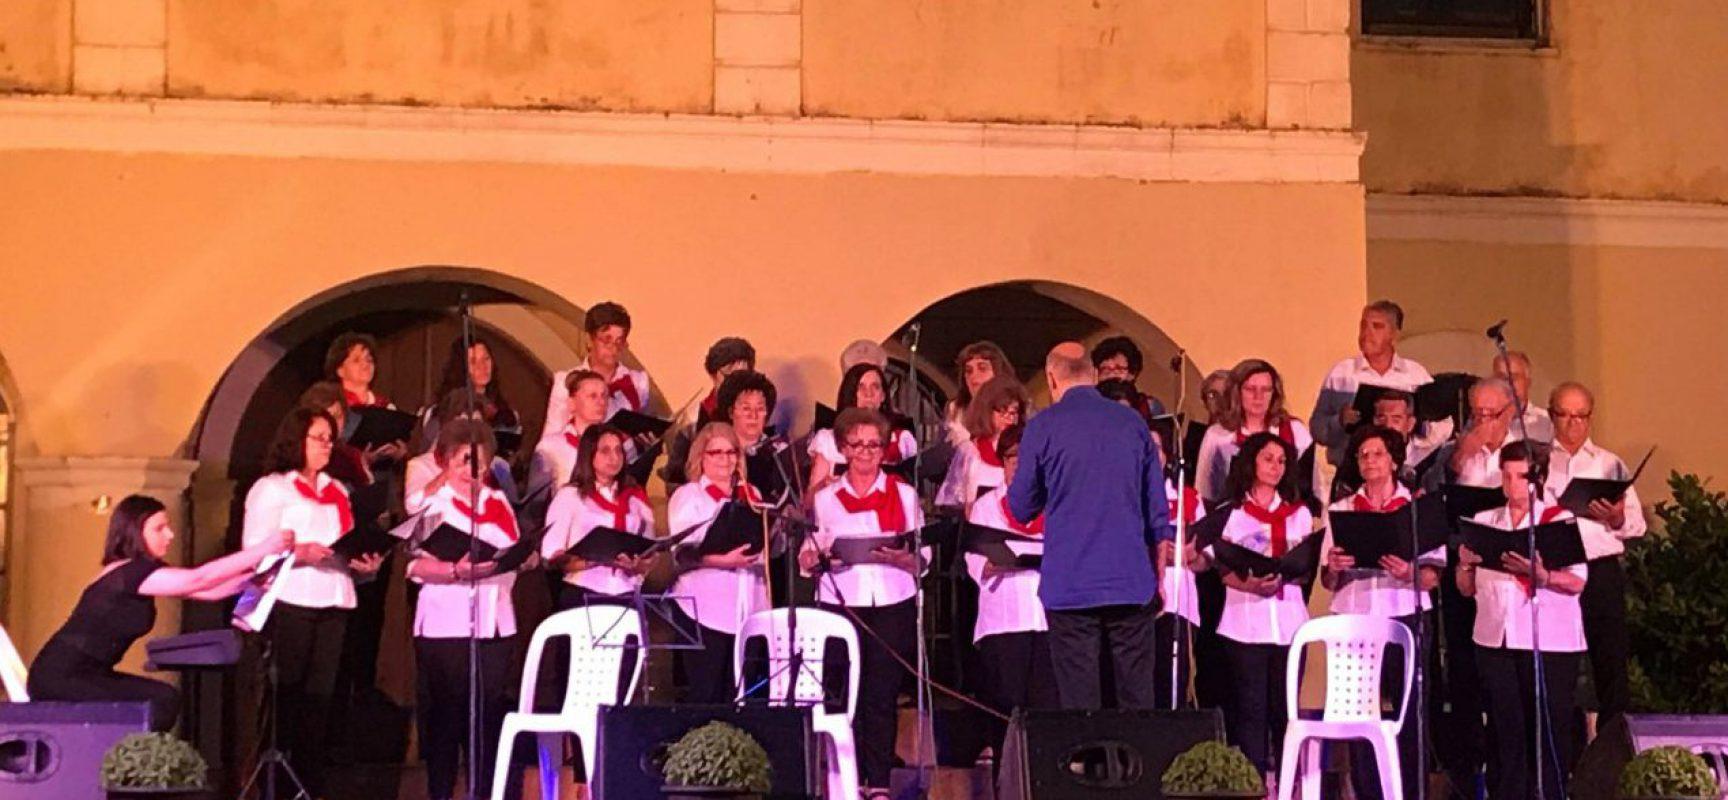 Η μικτή χορωδία του Δήμου Σοφάδων έλαβε μέρος στο 12ο Χορωδιακό Φεστιβάλ «Μουσικά Μαϊστράλια»